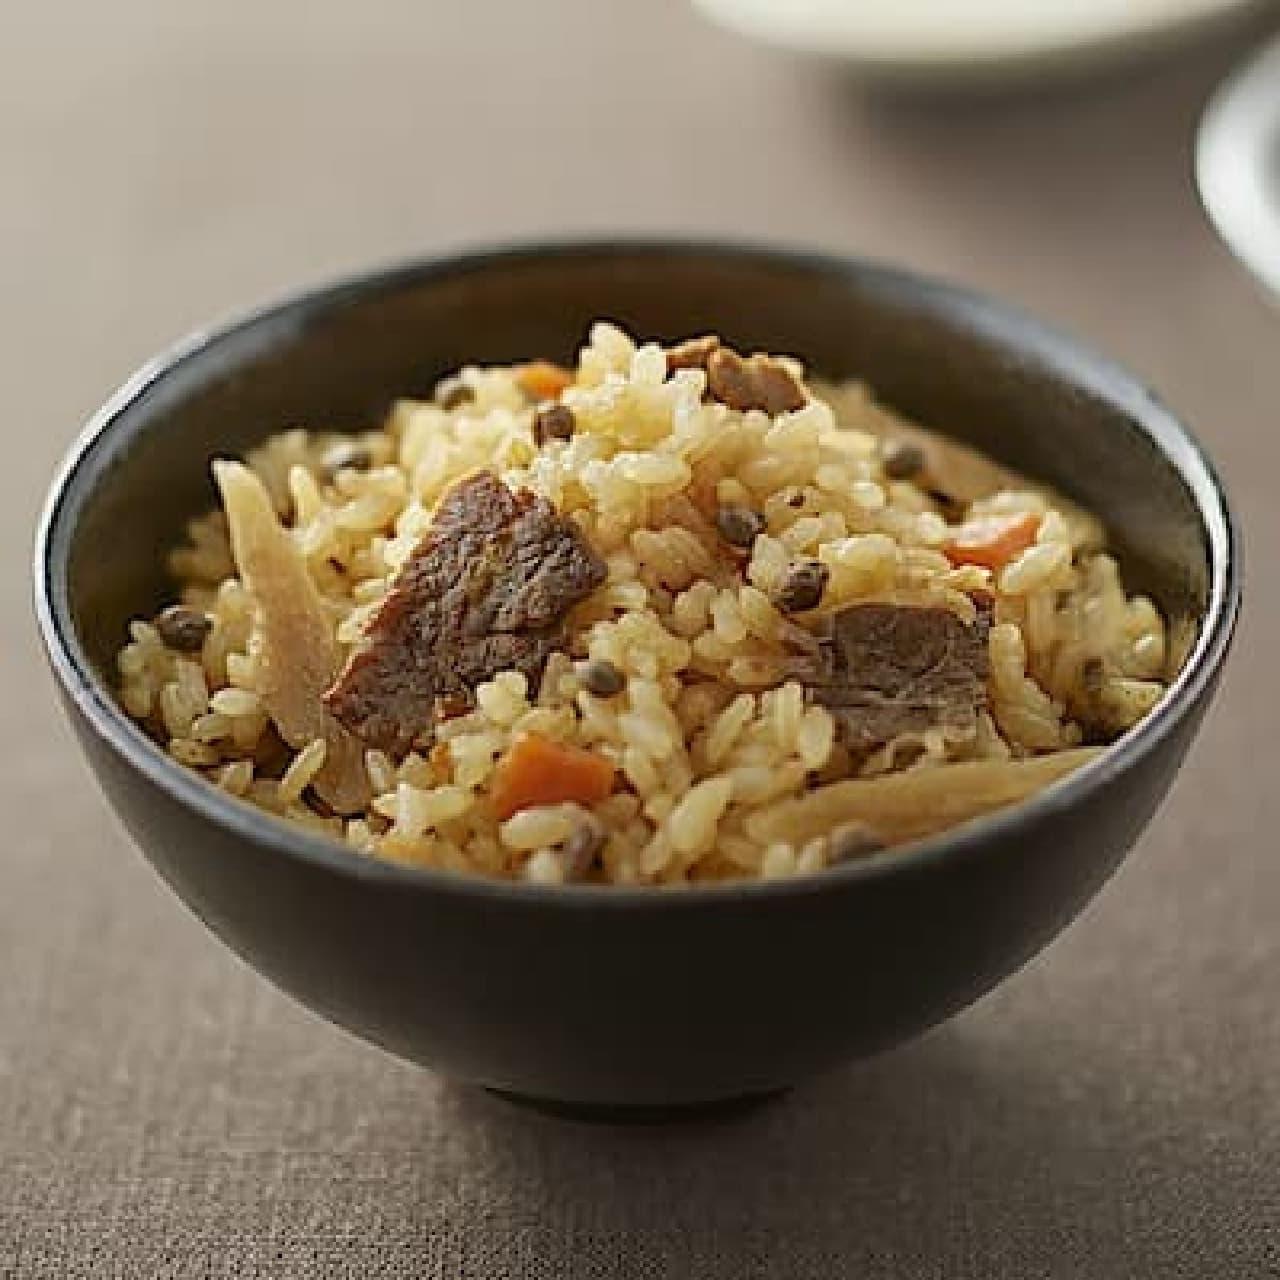 無印良品「炊き込みごはんの素 牛肉と実山椒のごはん」